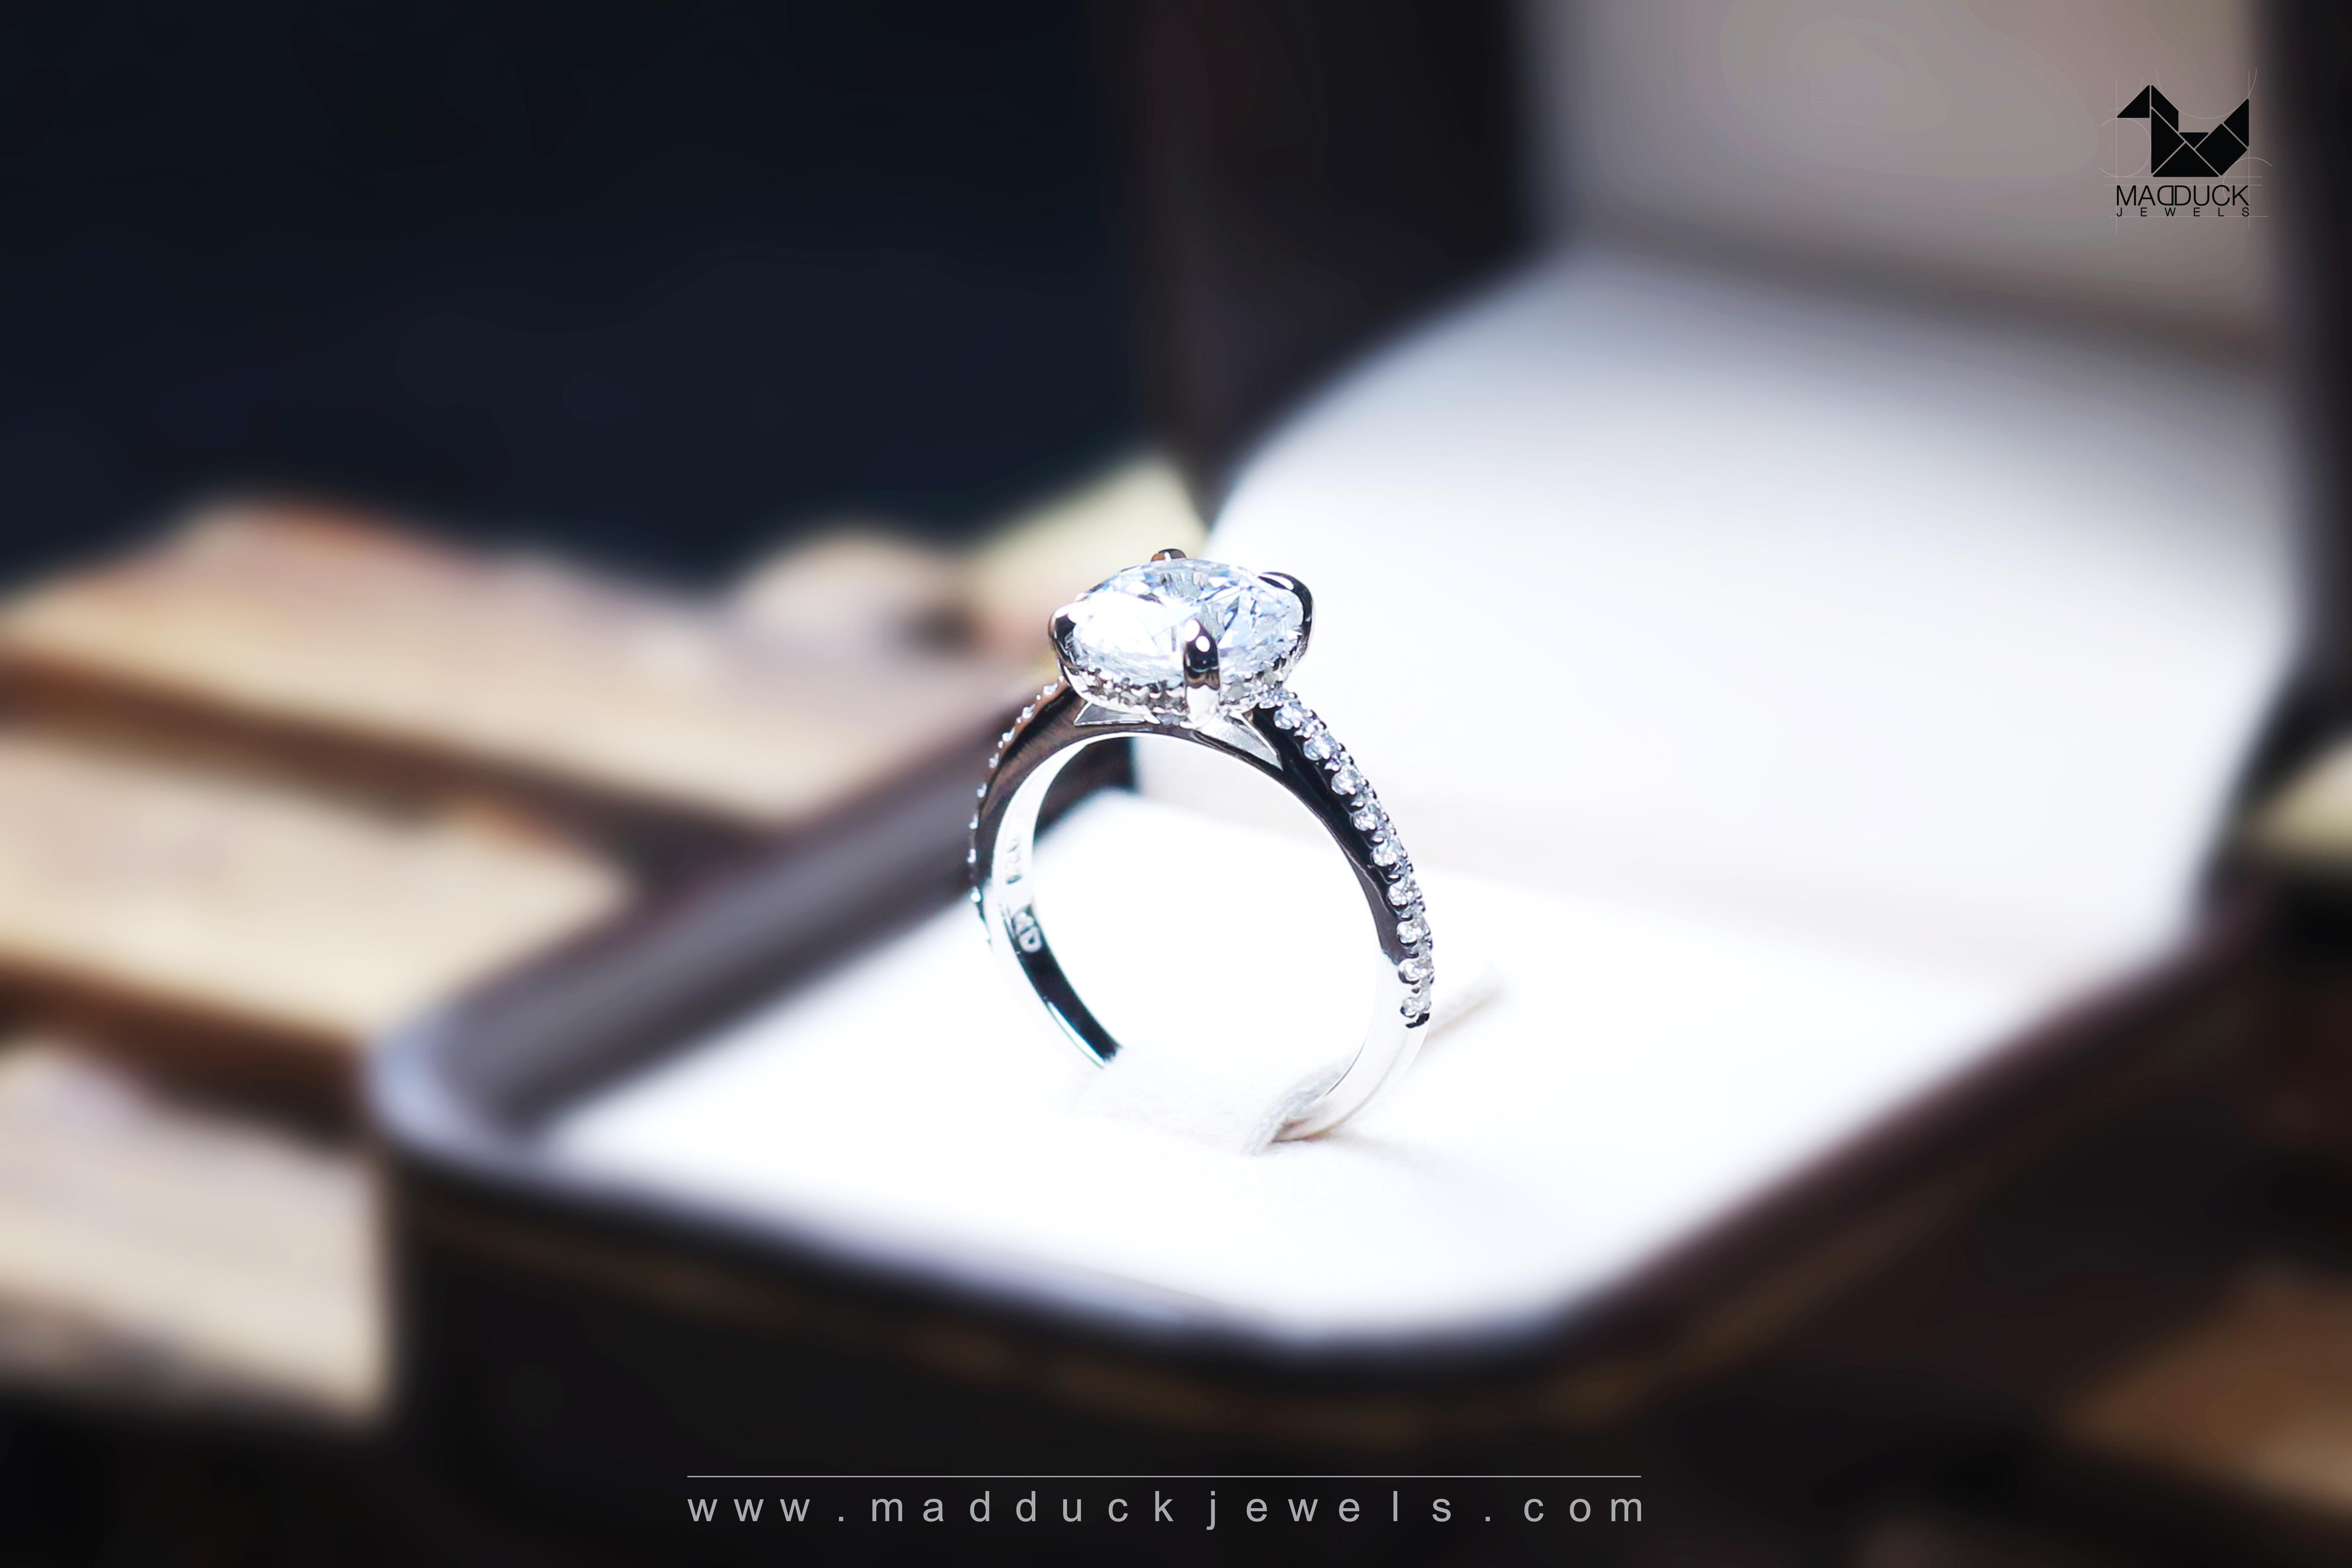 แหวนเงินแท้ เพชรสังเคราะห์ ชุบทองคำขาว รุ่น RG1616 1.50 carat angle wing